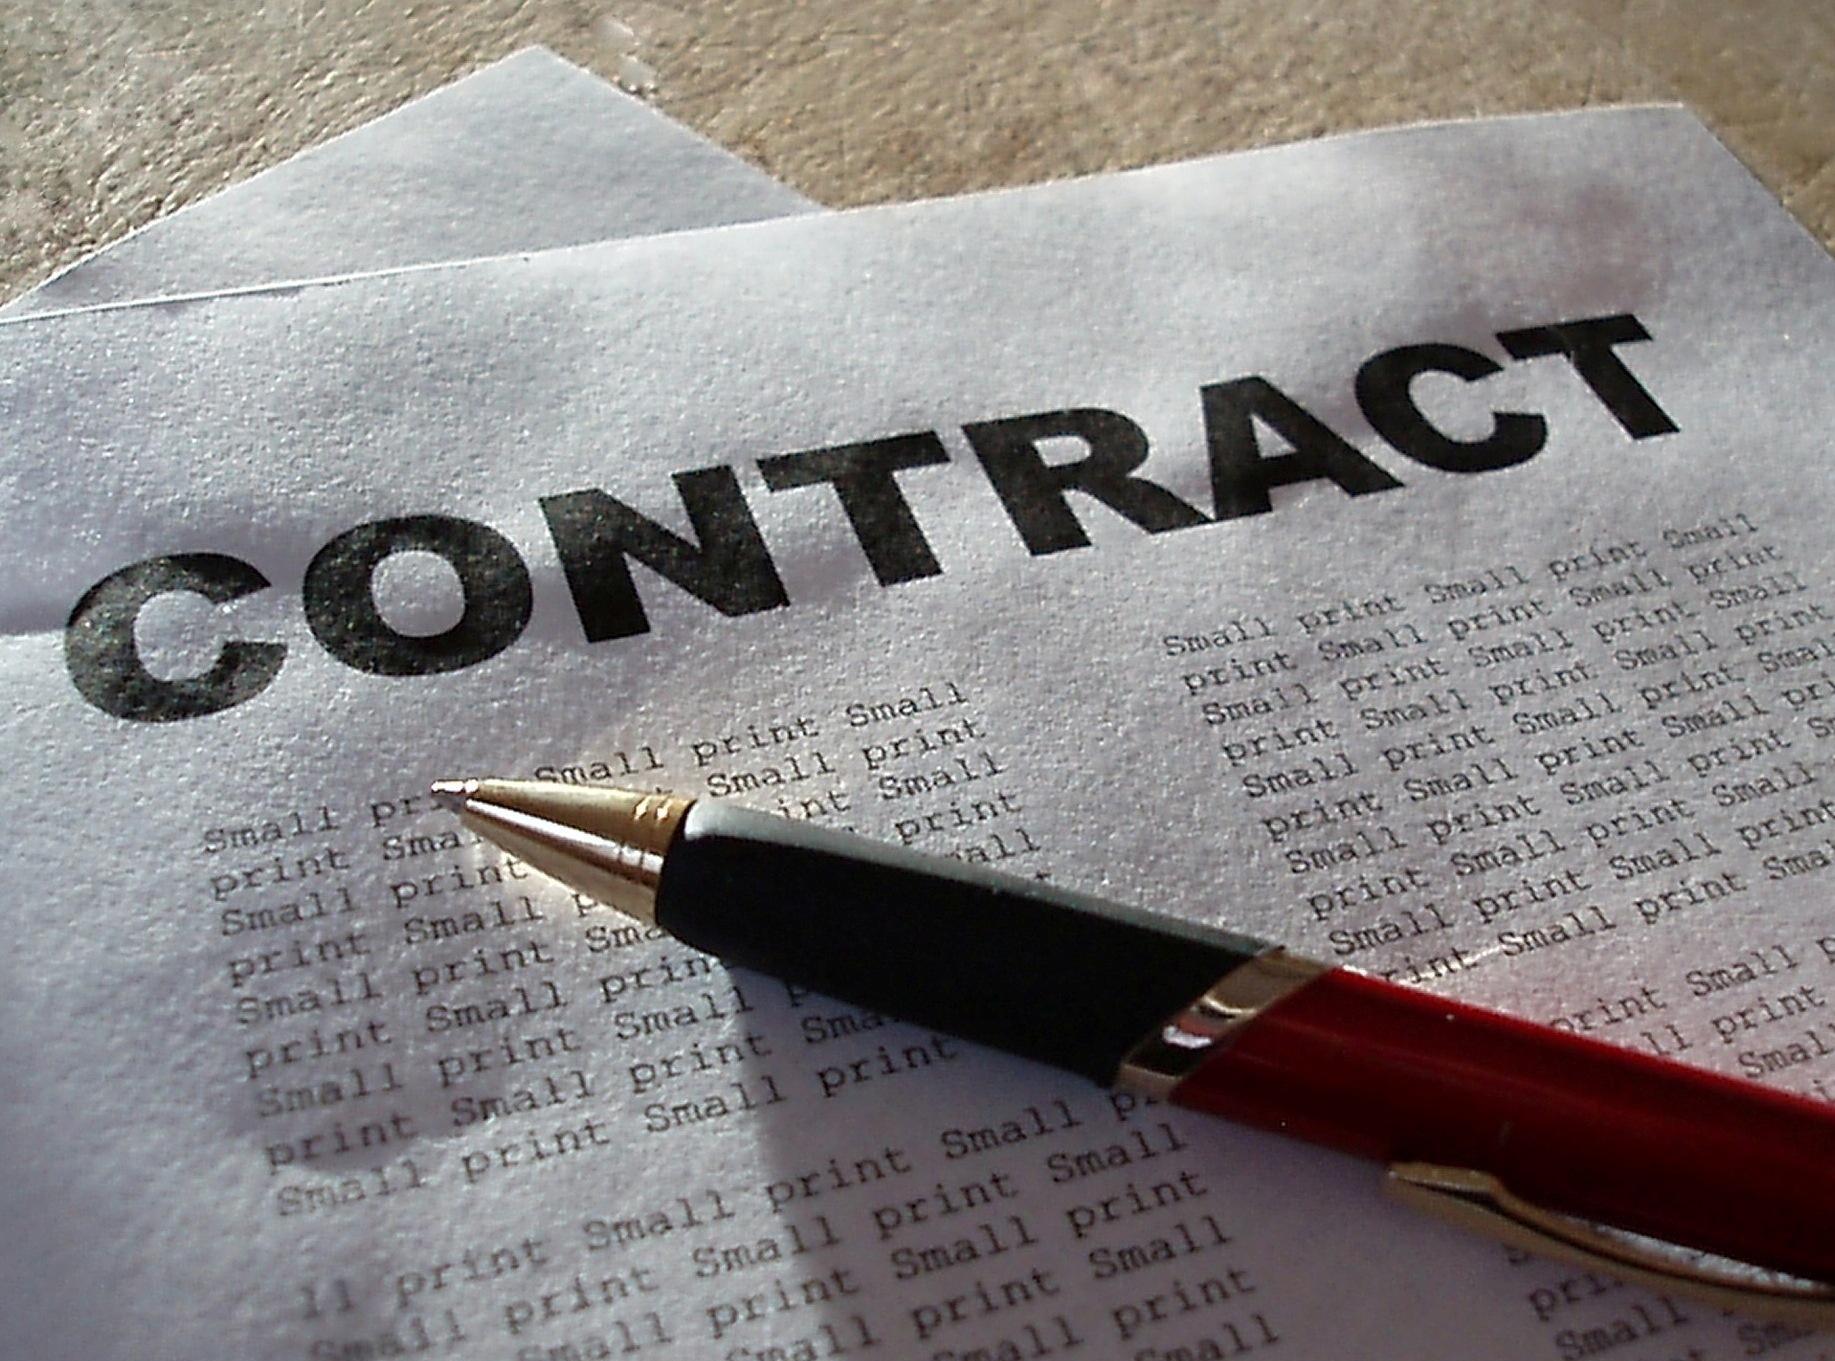 торги заканчиваются подписание контракта